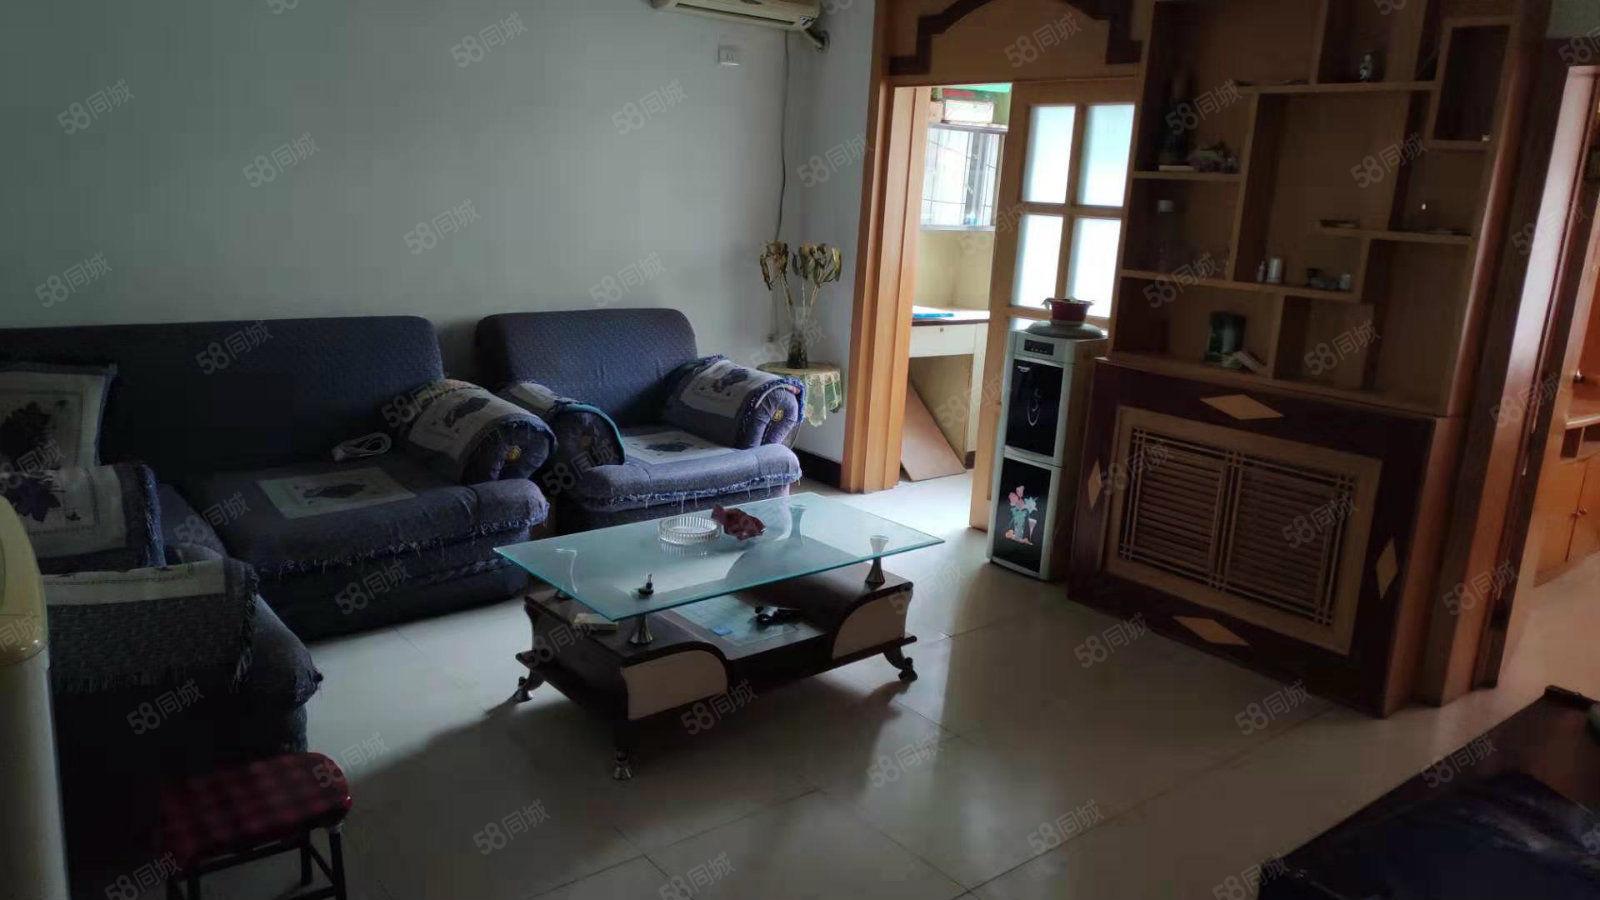 渭城三普桥市场附近安居二村家电家具齐全房屋拎包入住